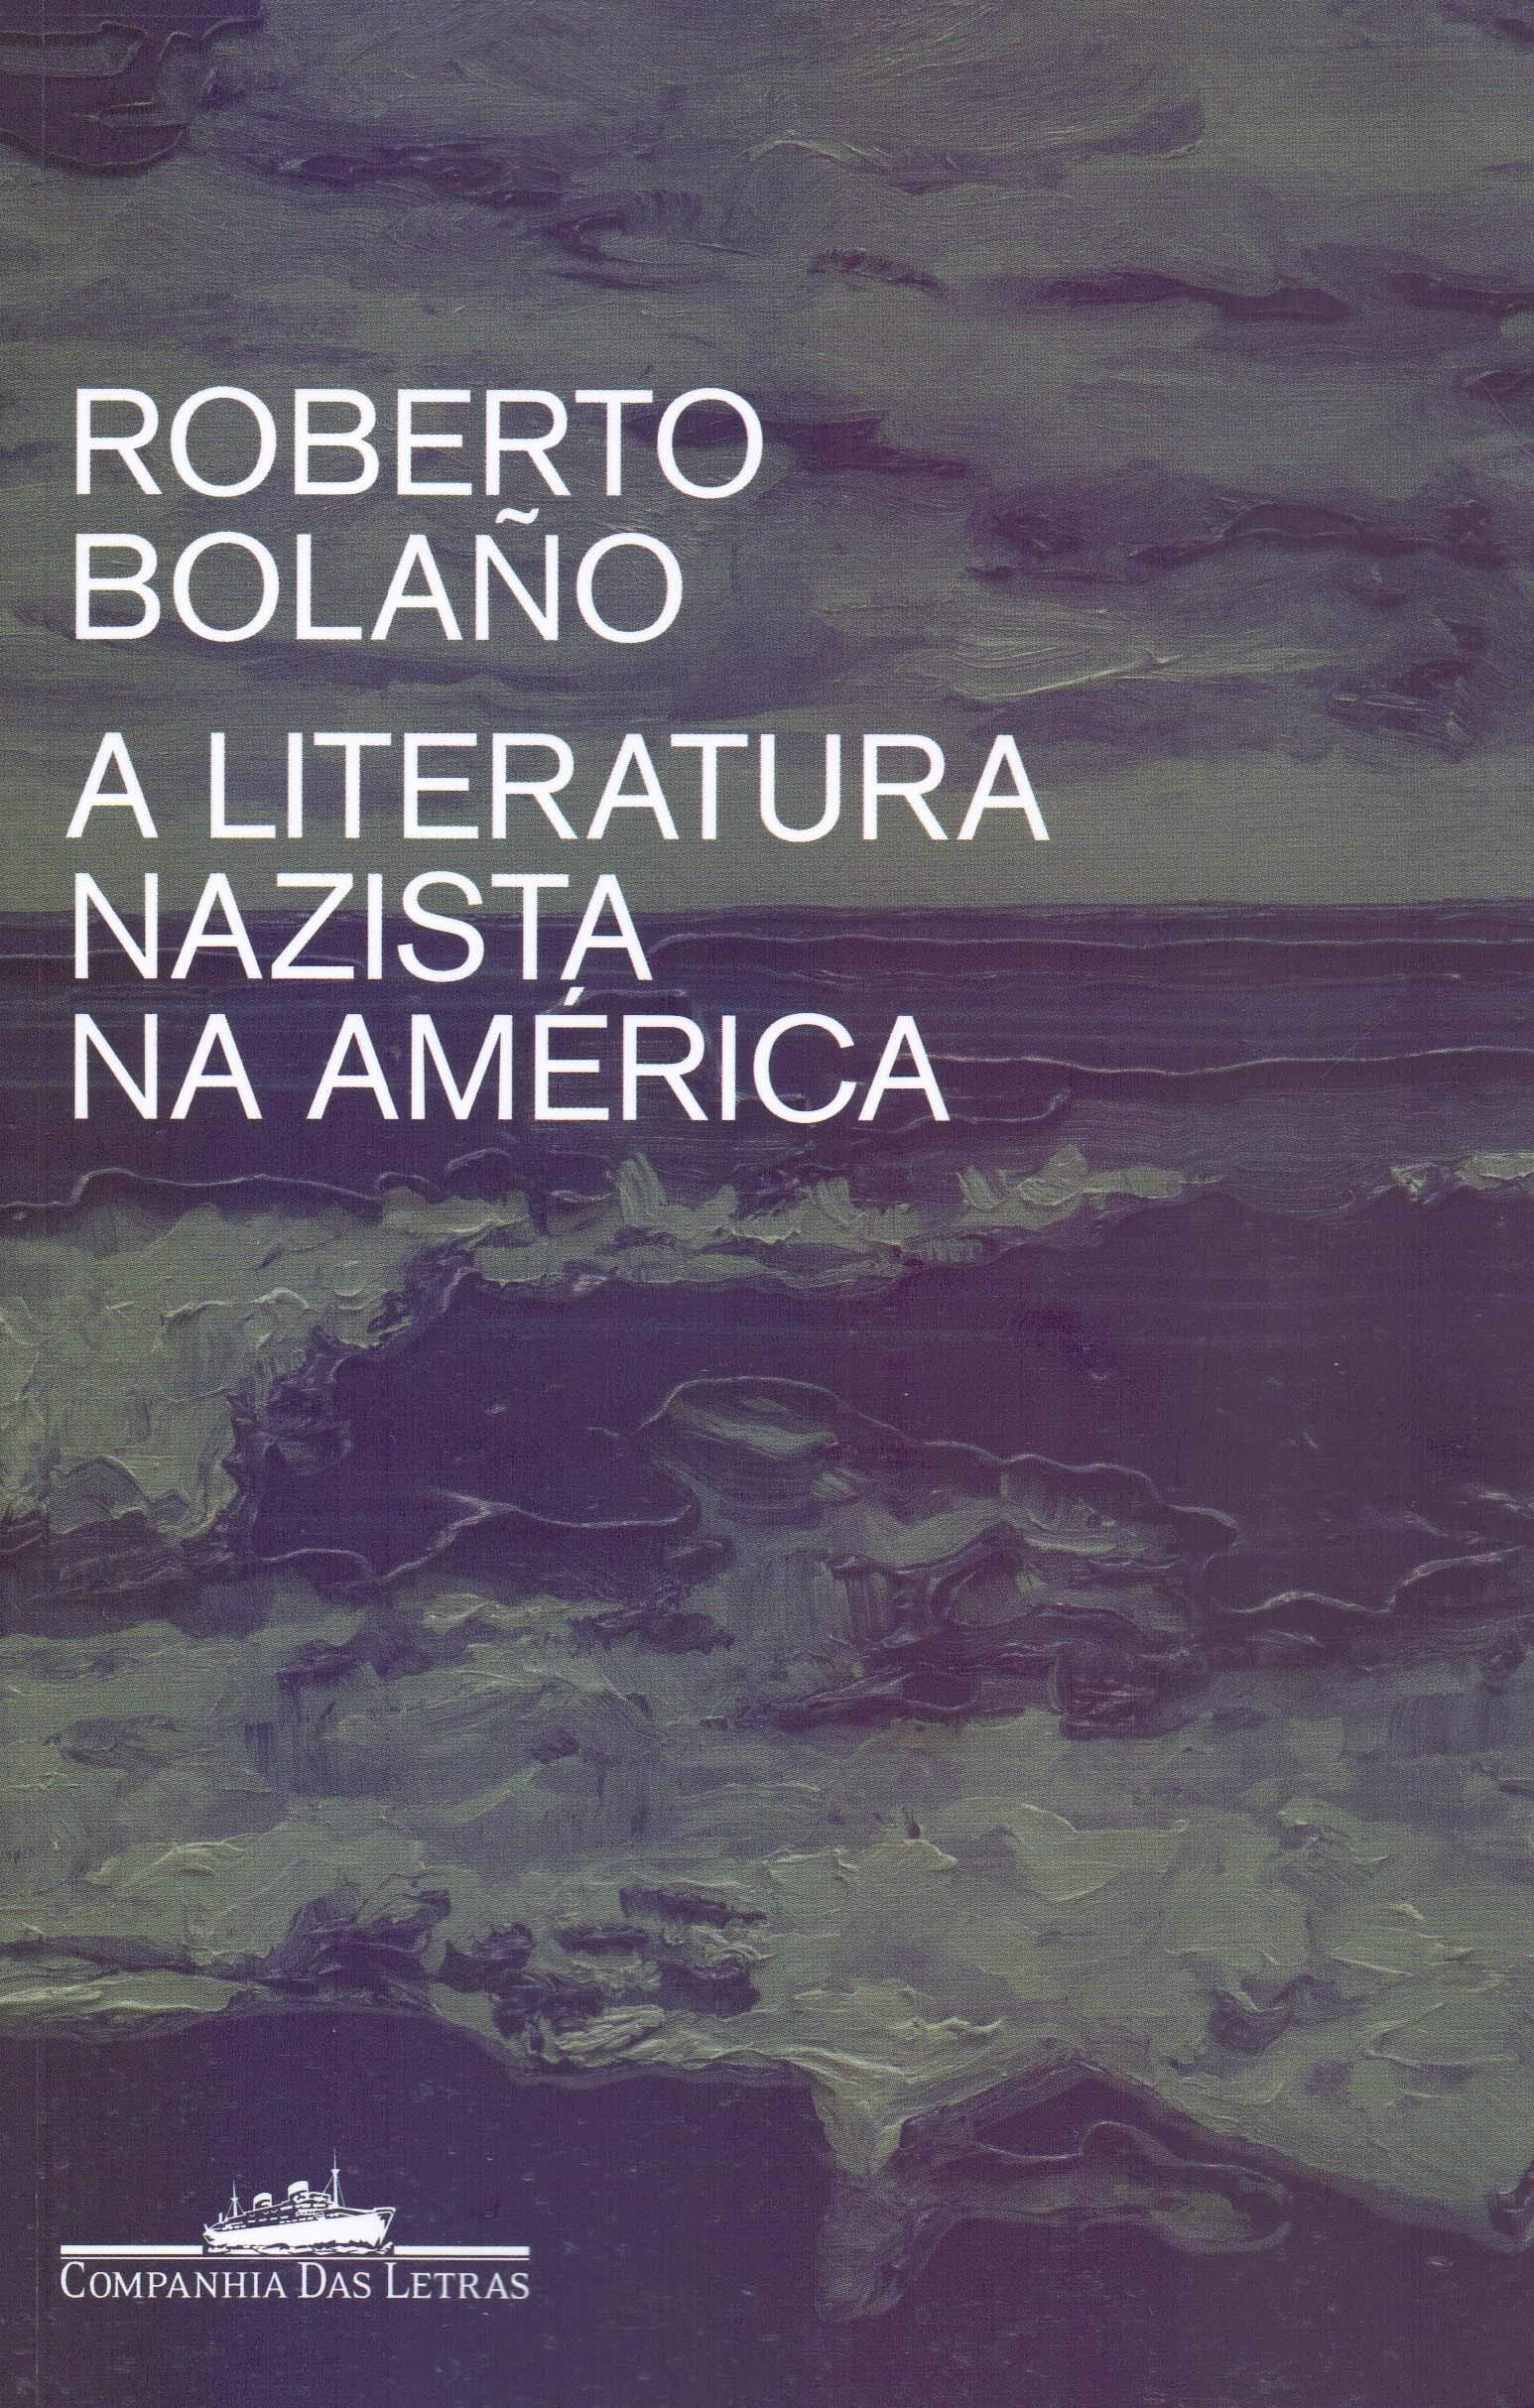 Roberto_Bolano_Literatura_nazista_América_233